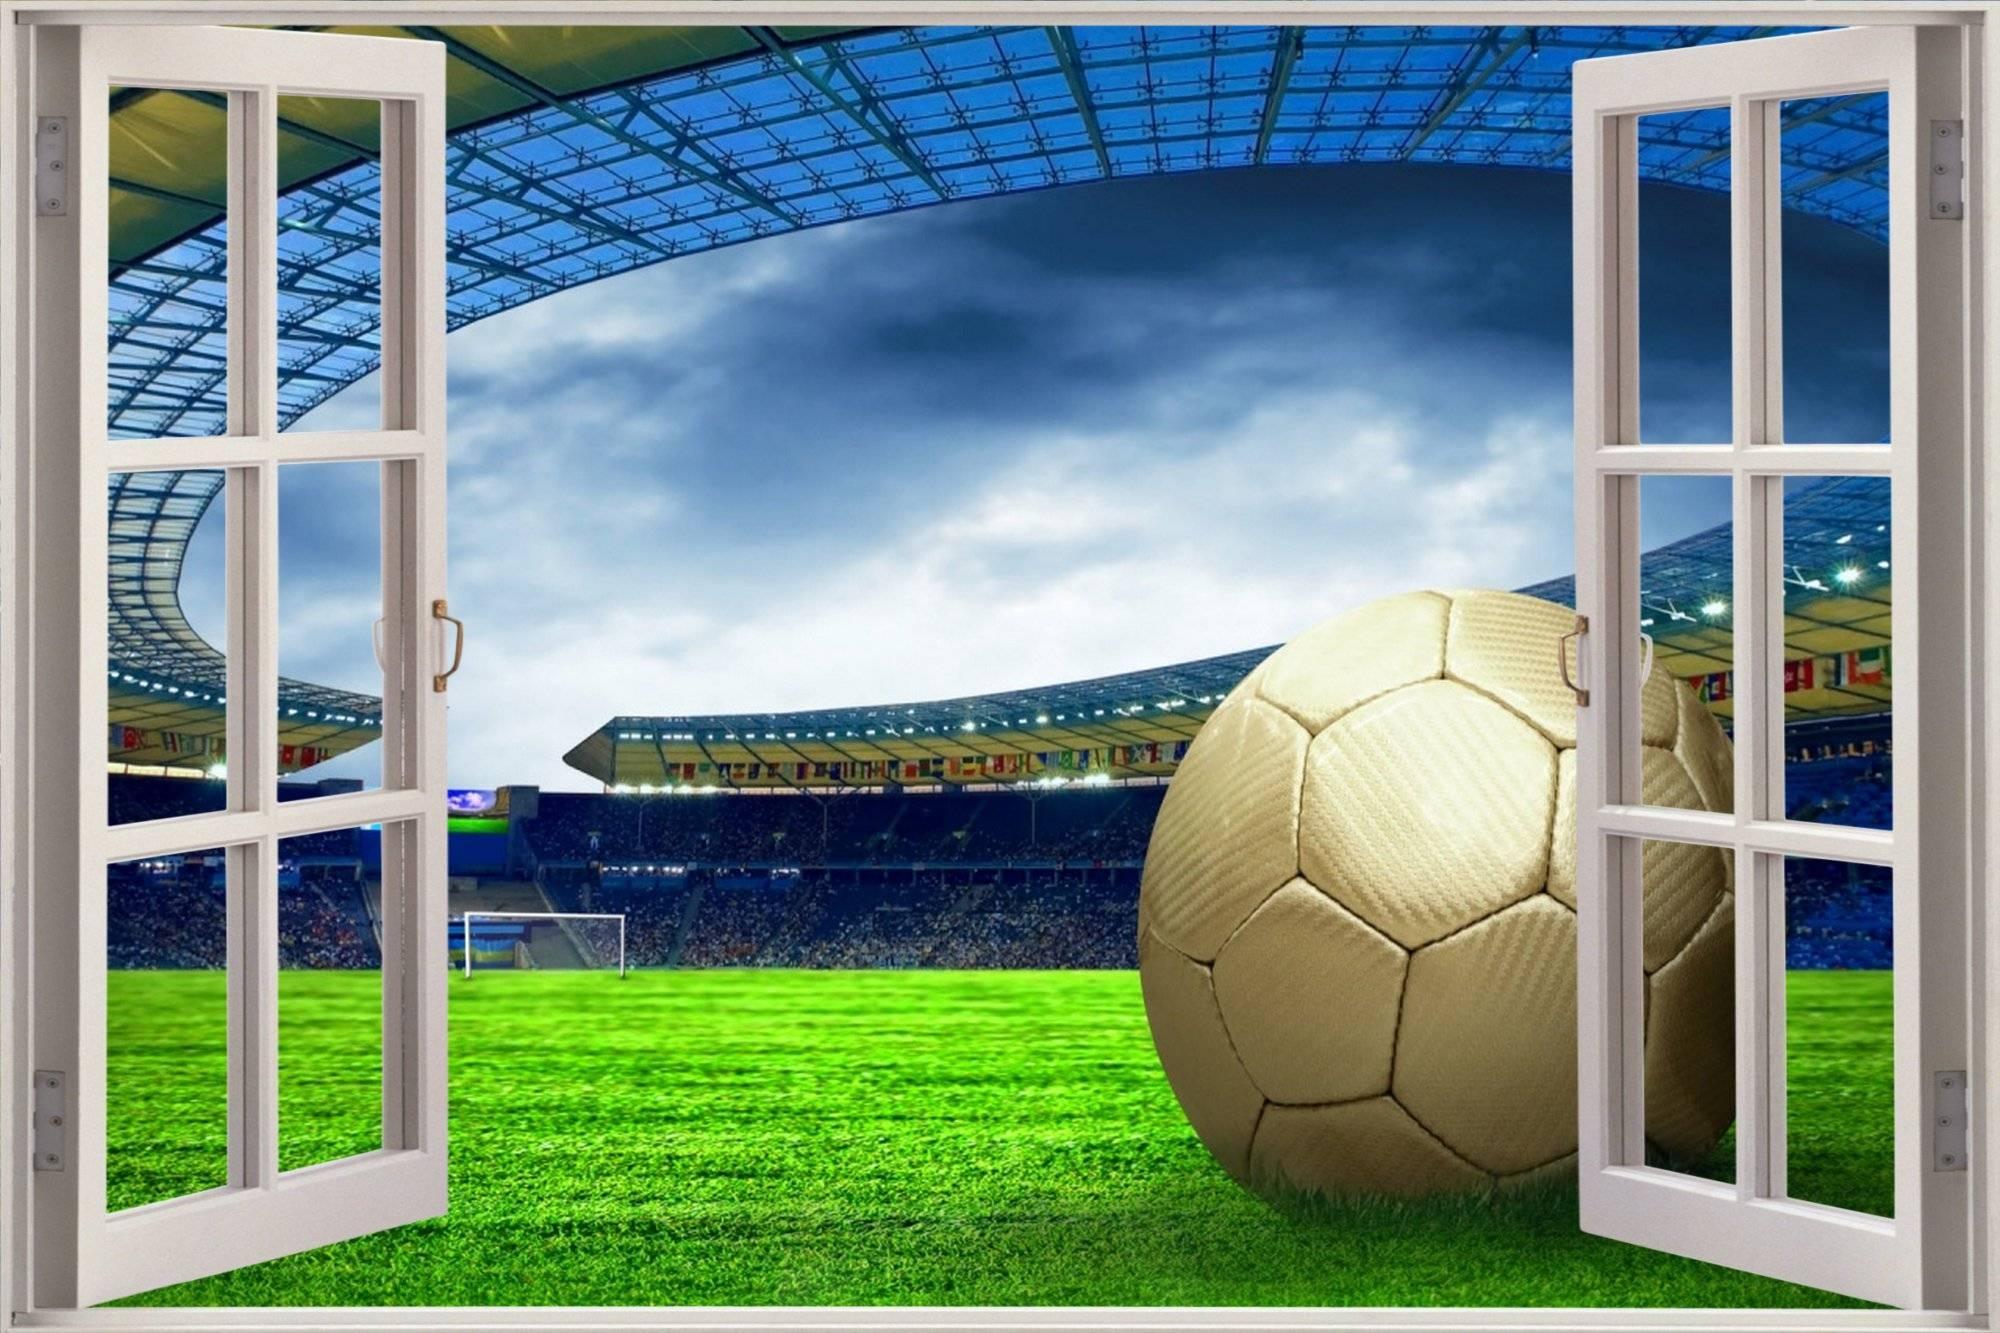 3D Wall Art Football | Wallartideas Throughout Recent 3D Stadium View Wall Art (View 2 of 20)